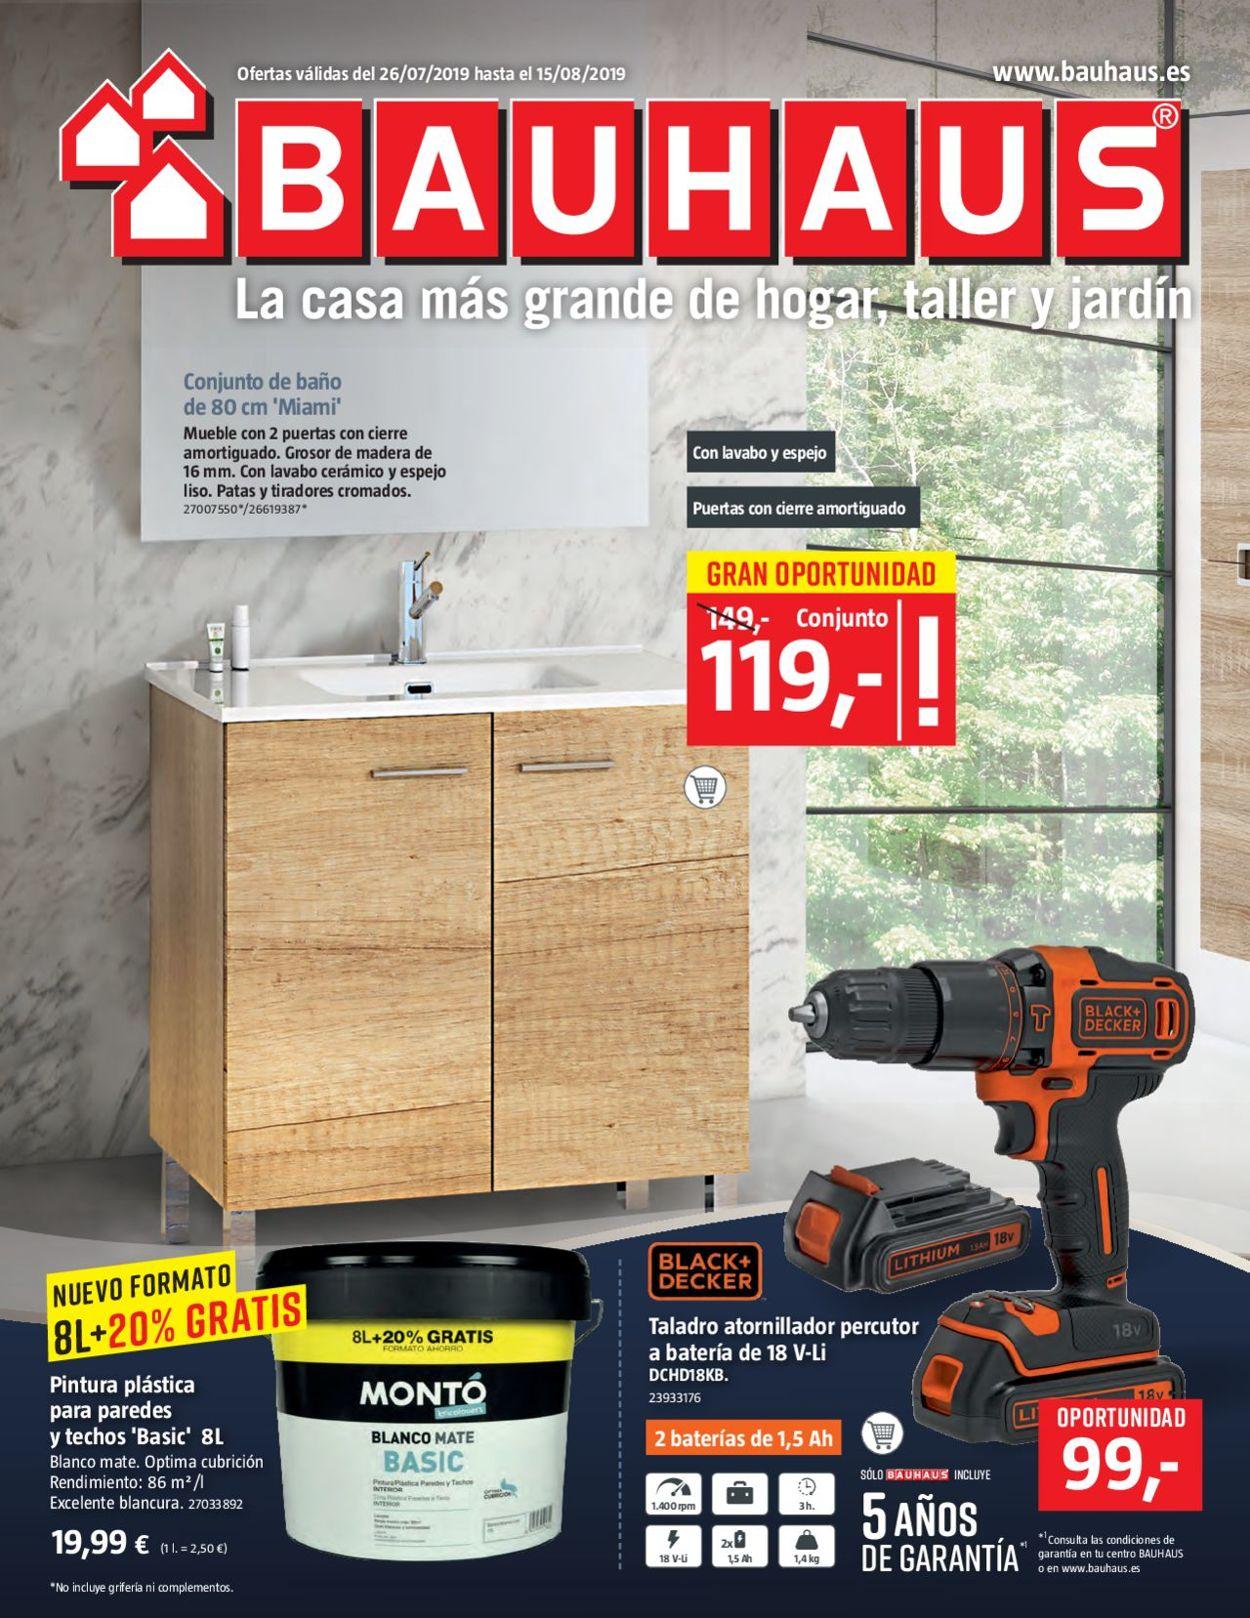 Bauhaus Folleto - 26.07-15.08.2019